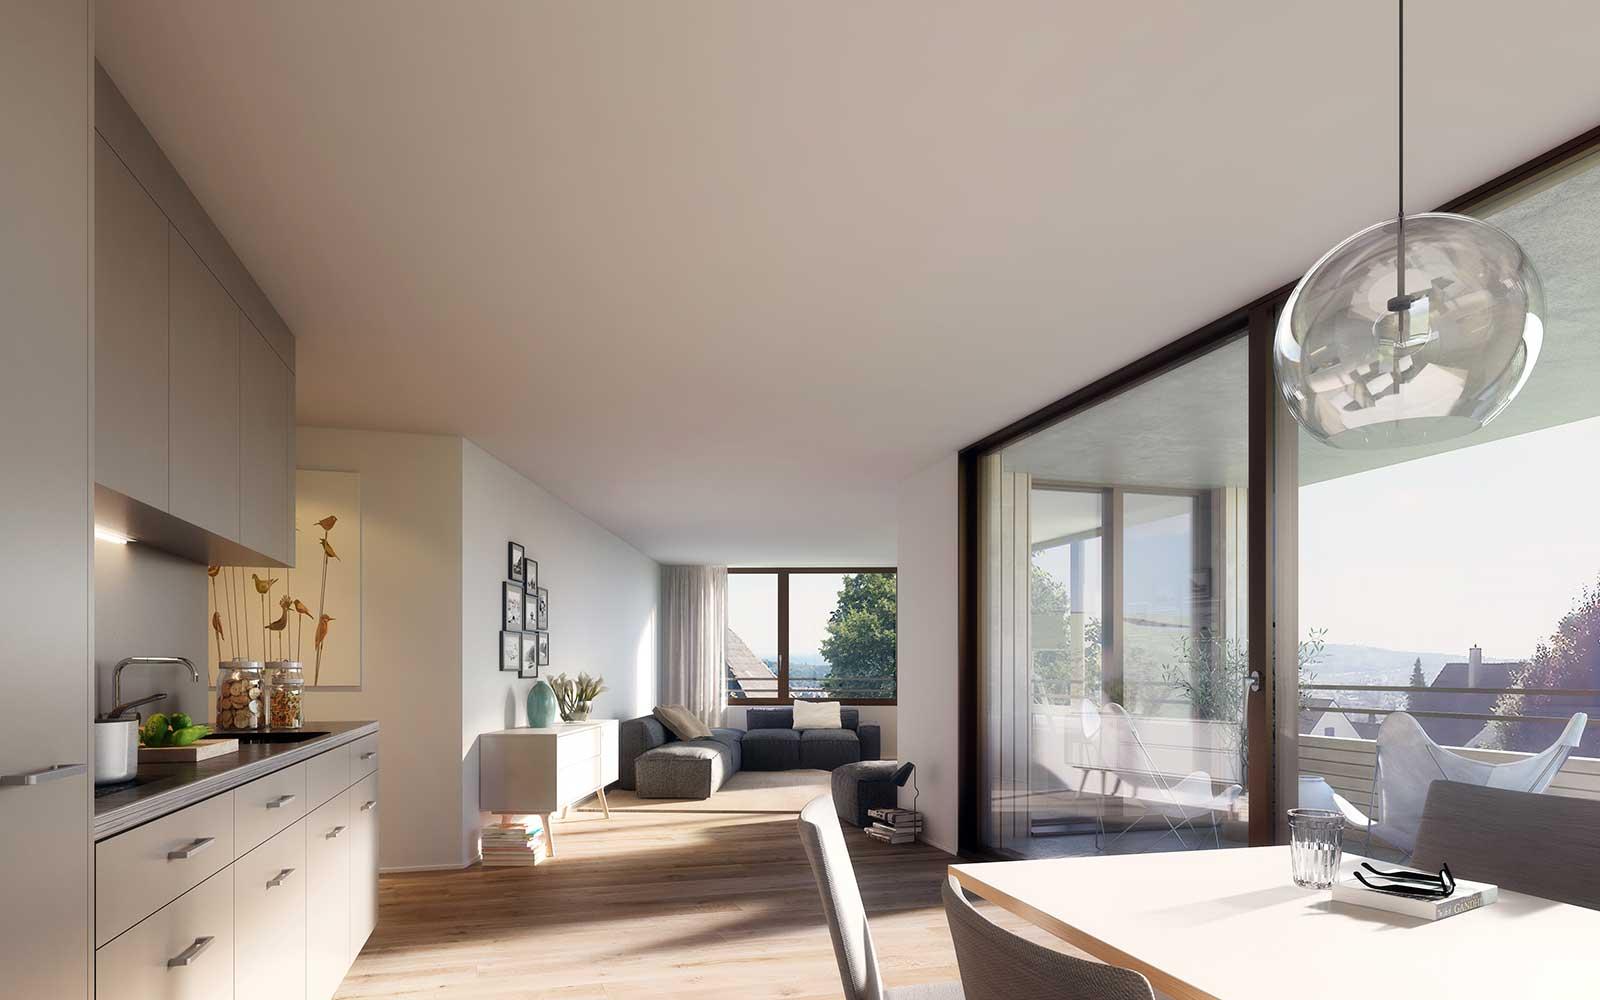 Visualisierung Wohnung West Wettbewerb Neubau Mehrfamilienhaus im Eichhölzli Biel/Bienne